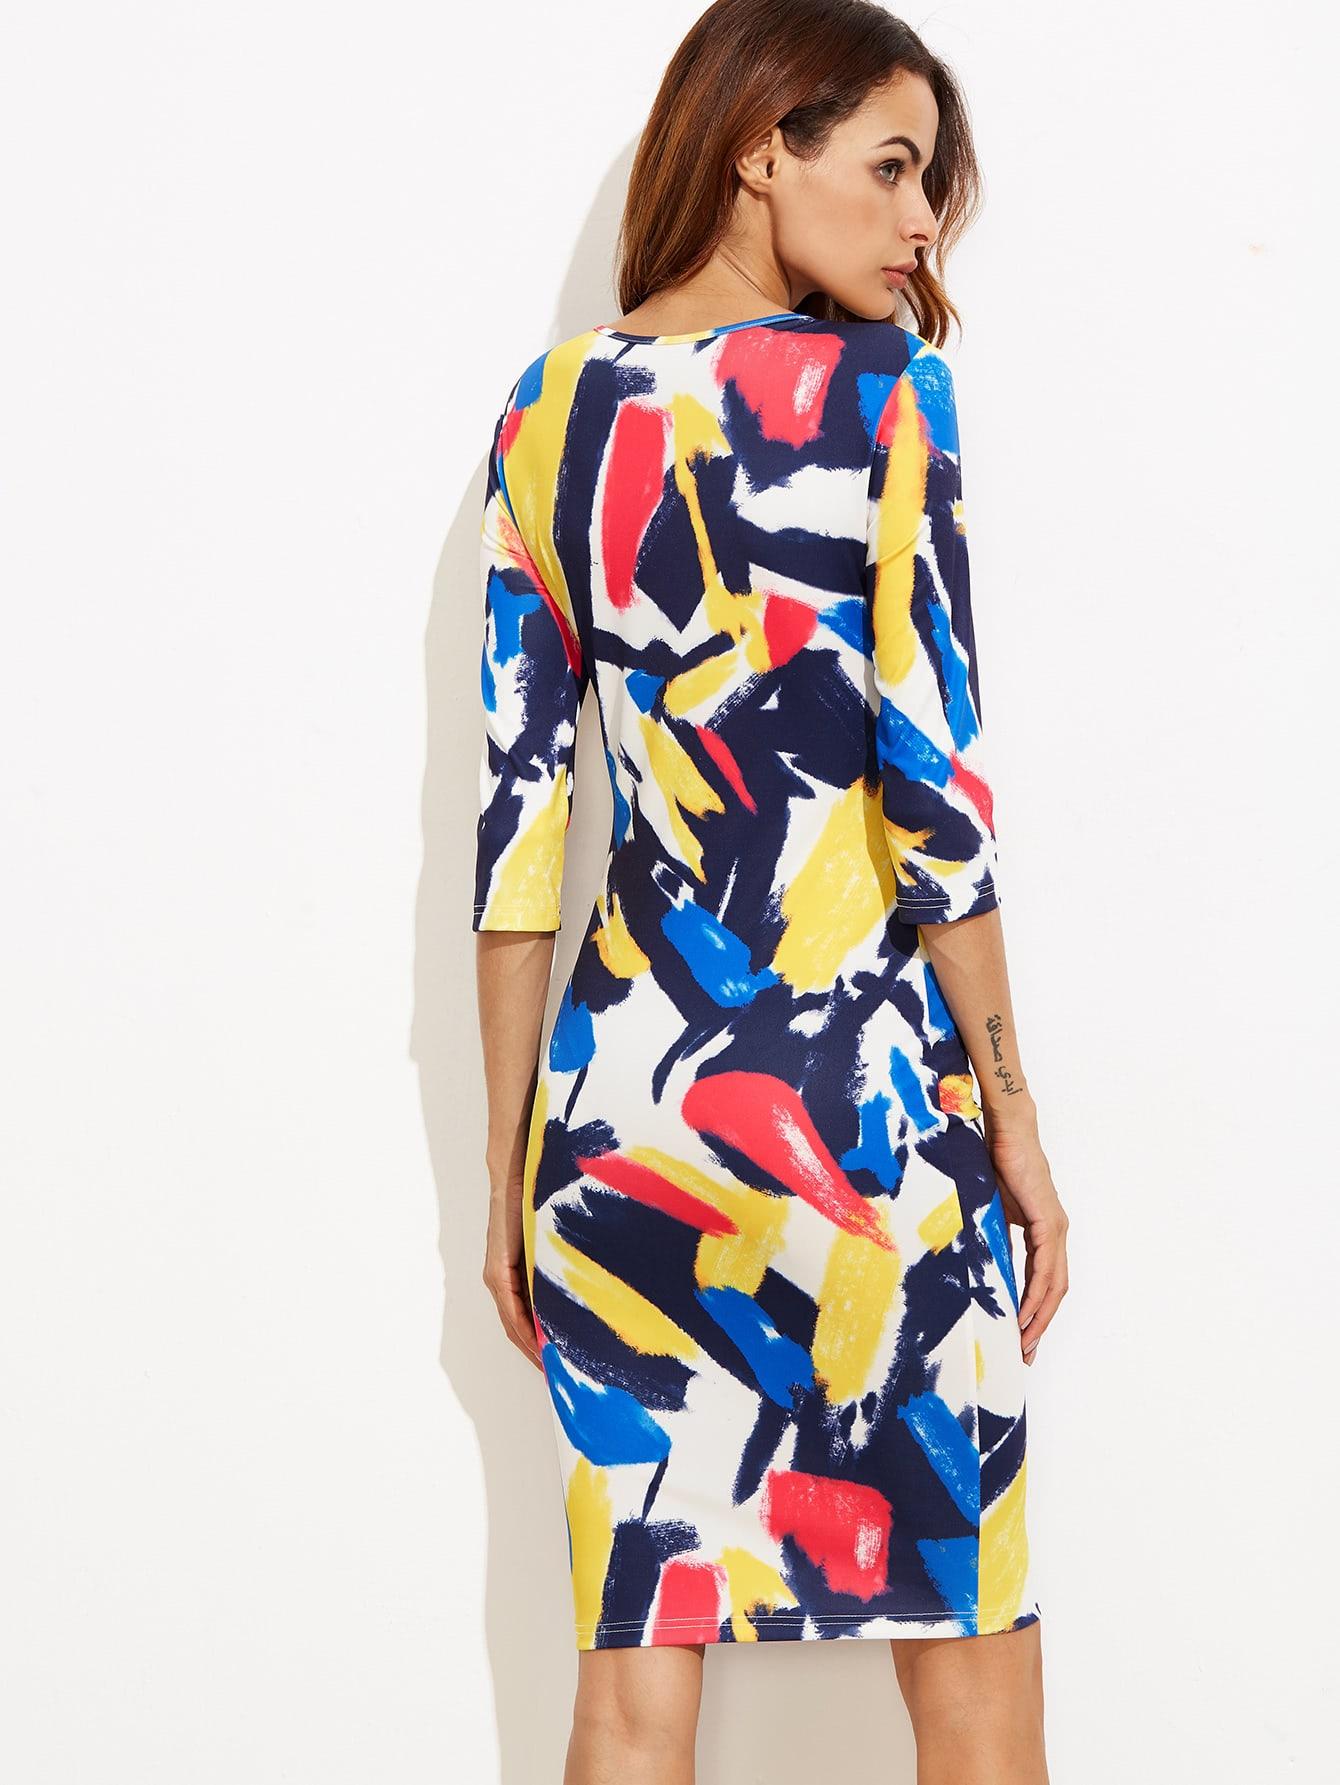 dress160905502_2